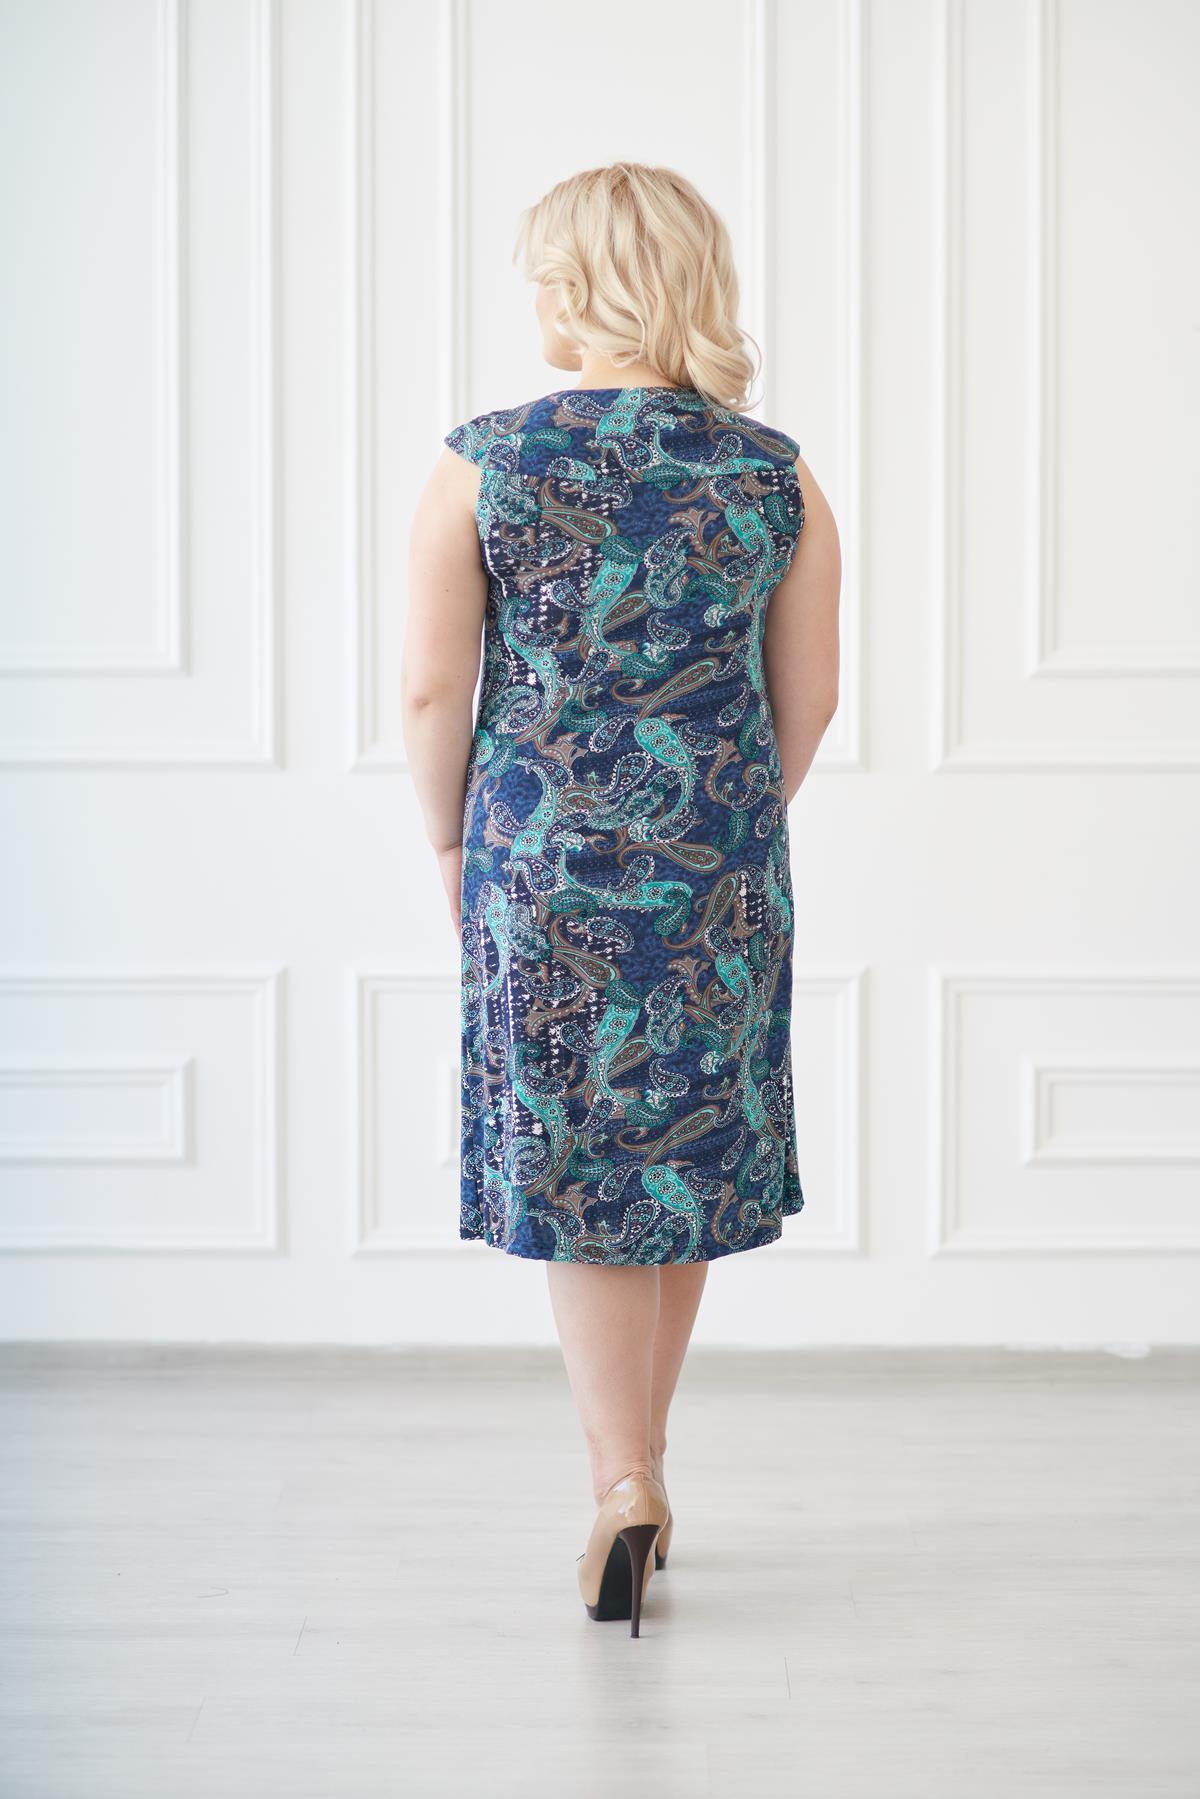 Жен. платье арт. 19-0138 огурцы р. 50